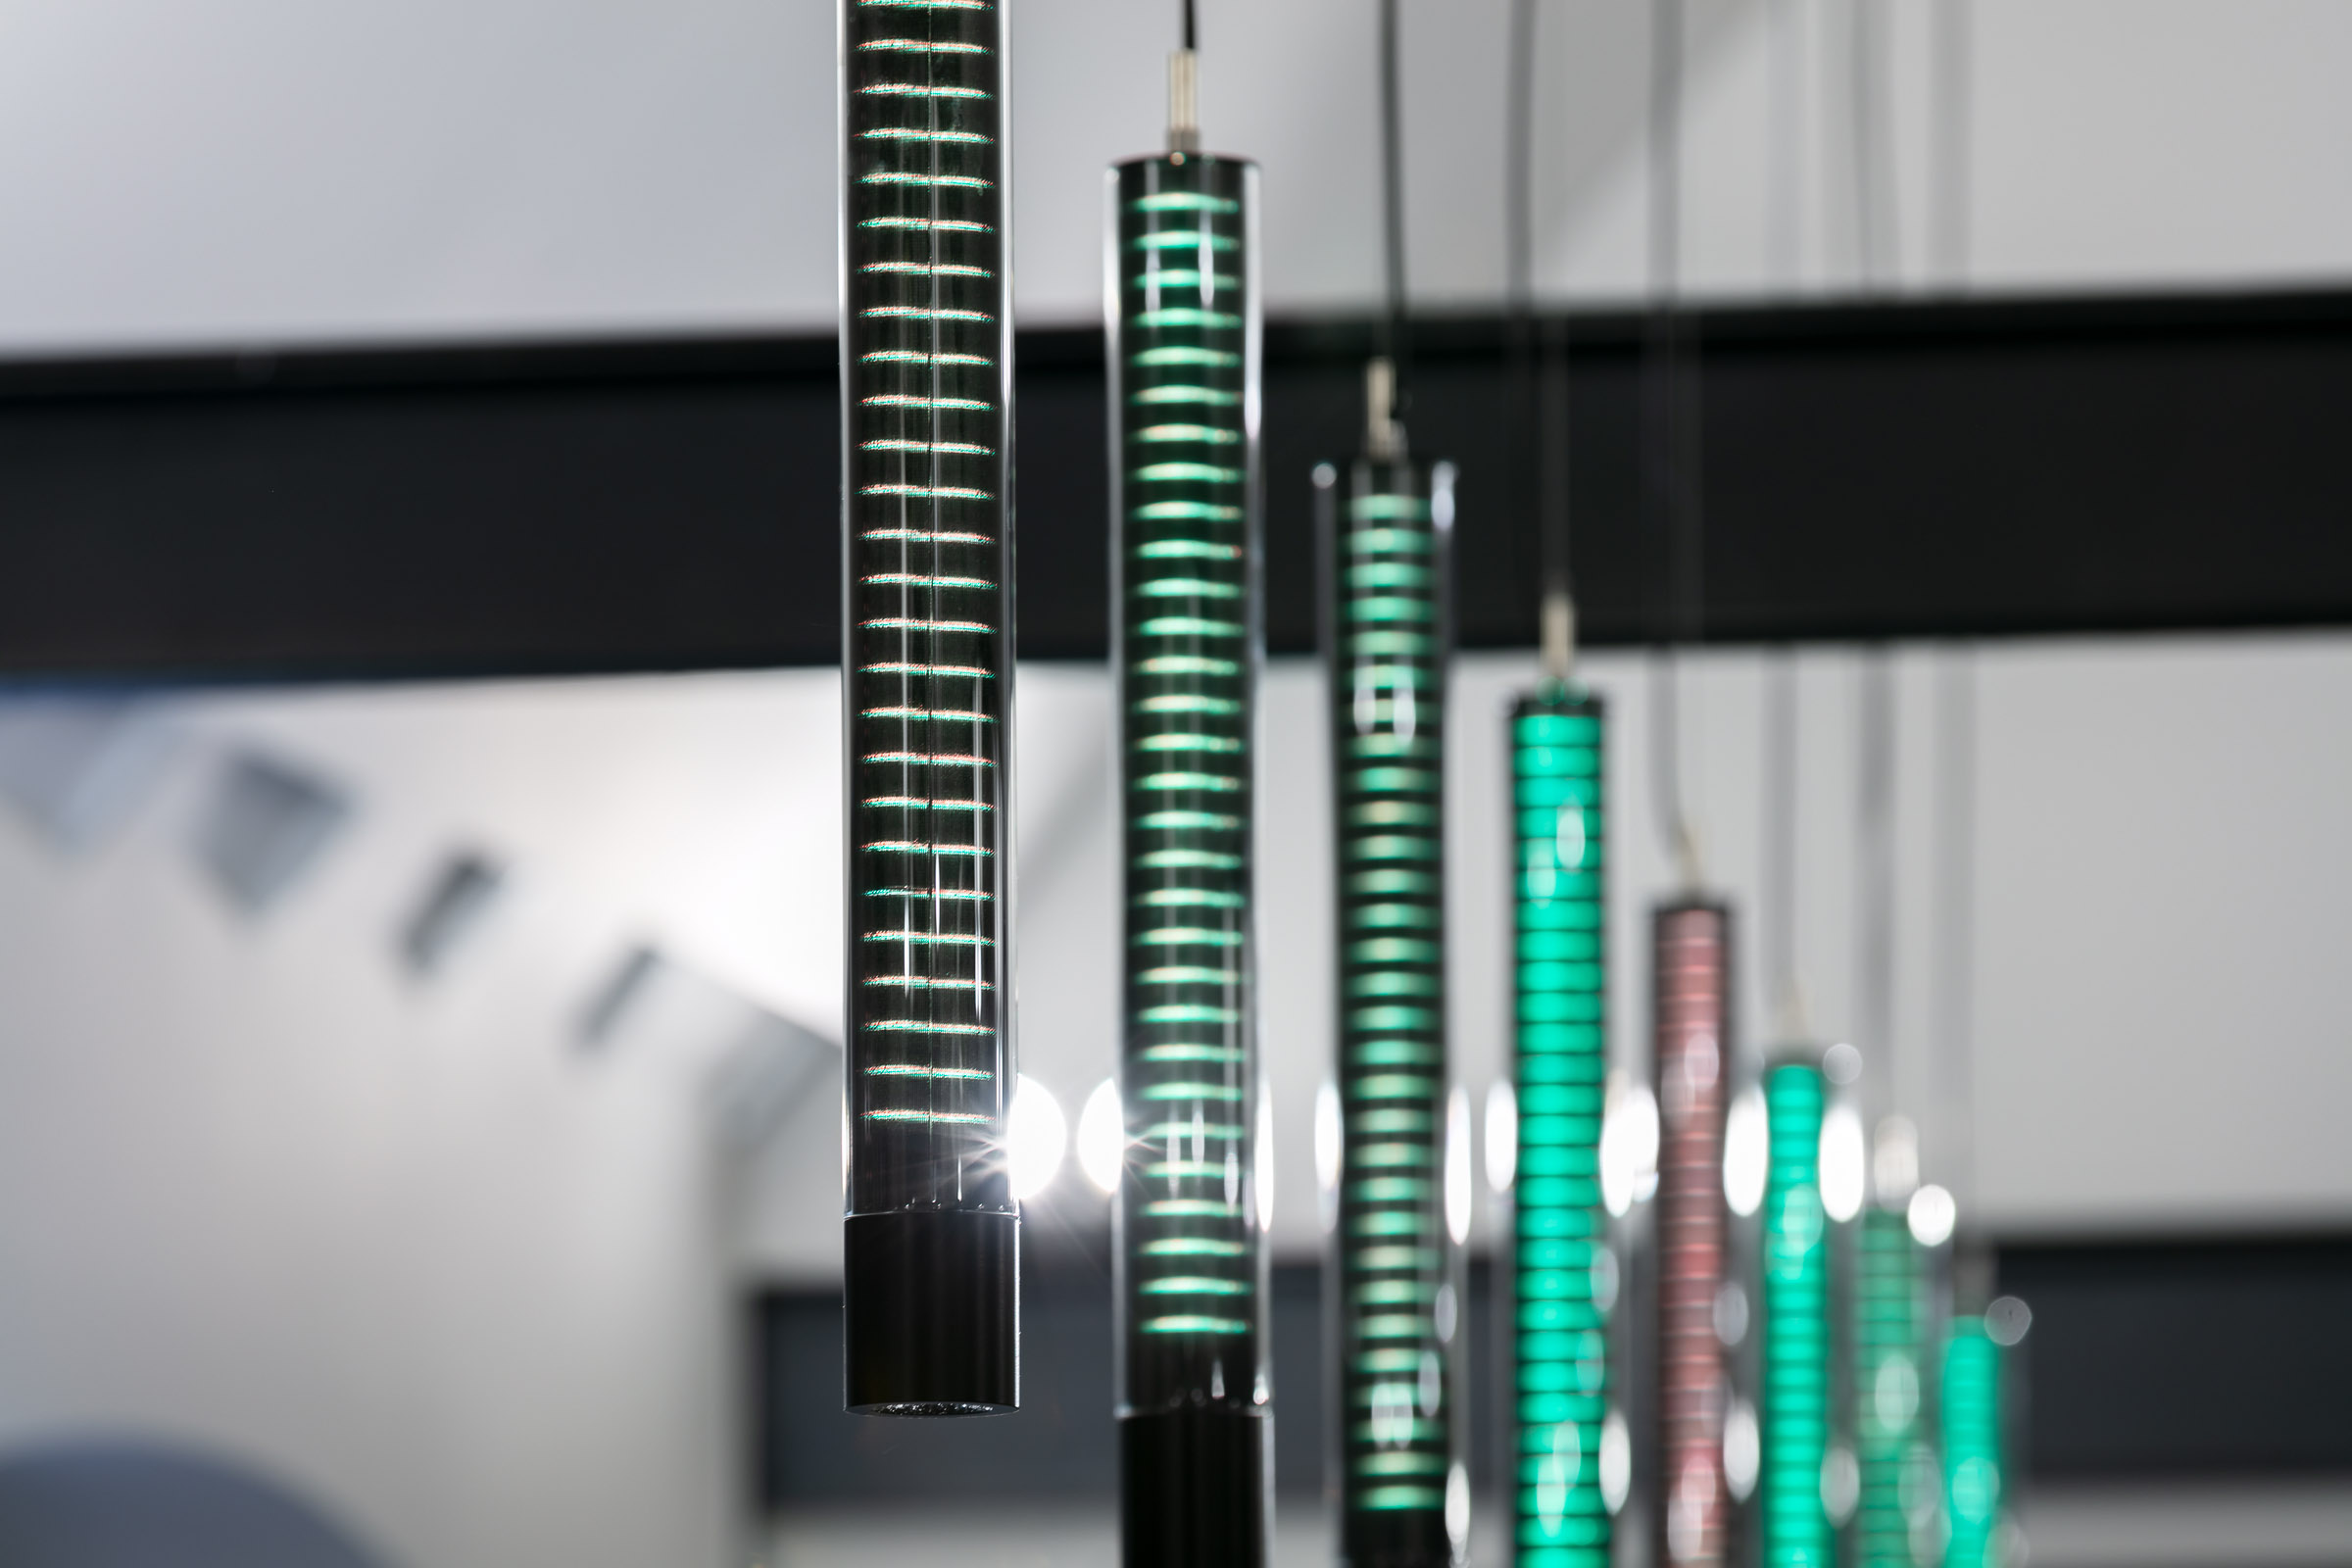 Grüne LEDs leuchtend im Glasmantel mehrerer nebeneinander hängender Glas-Pendelleuchten